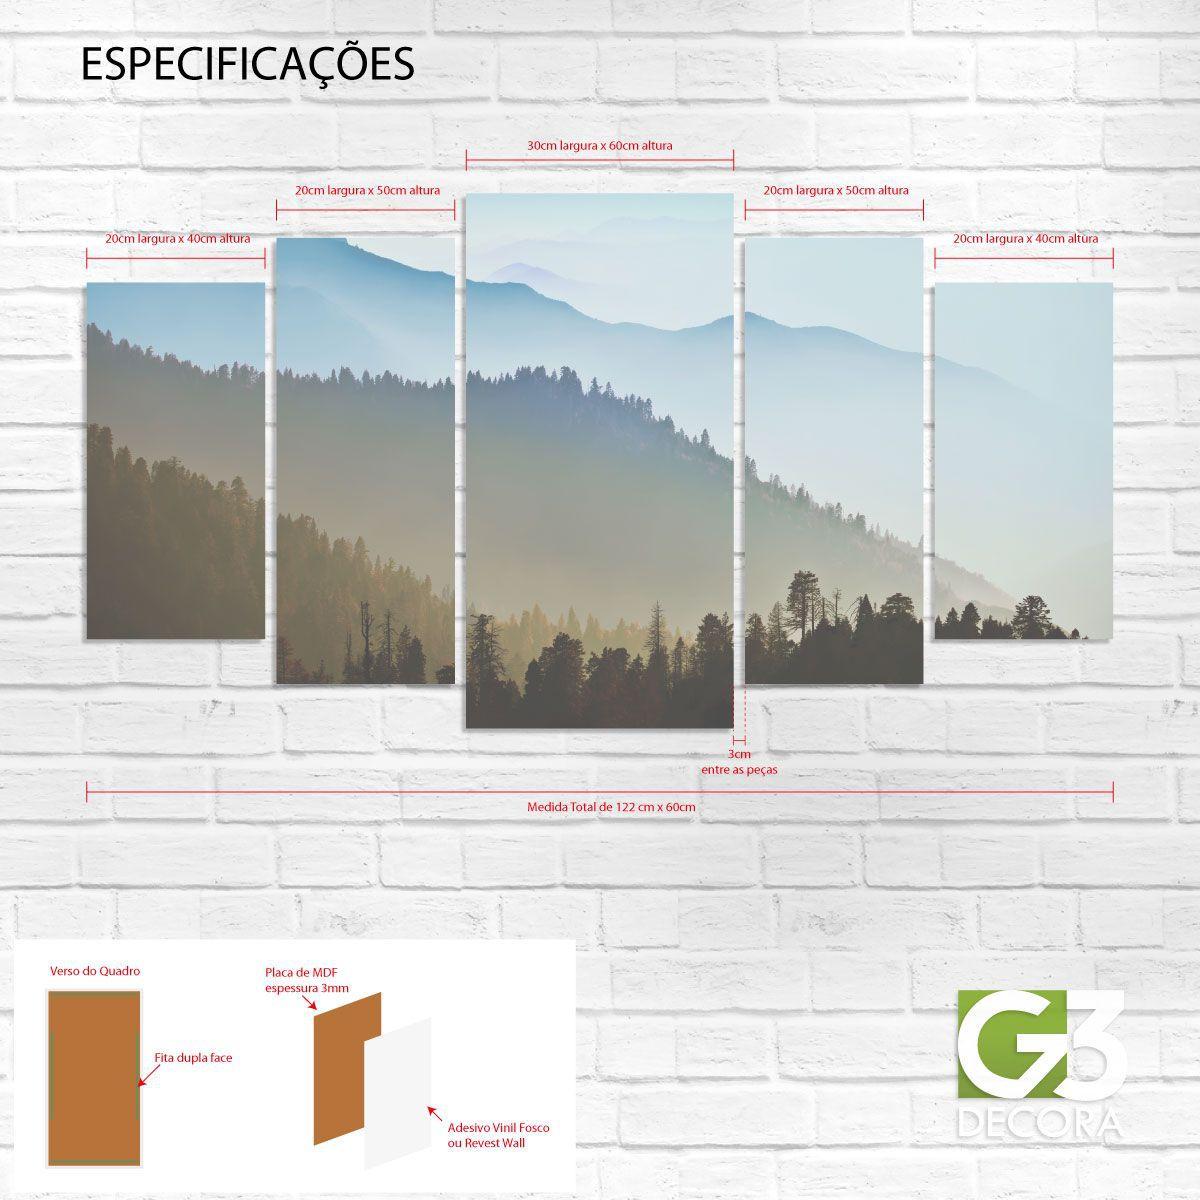 Quadro Decorativo – QD004  - Papel de parede - G3decora